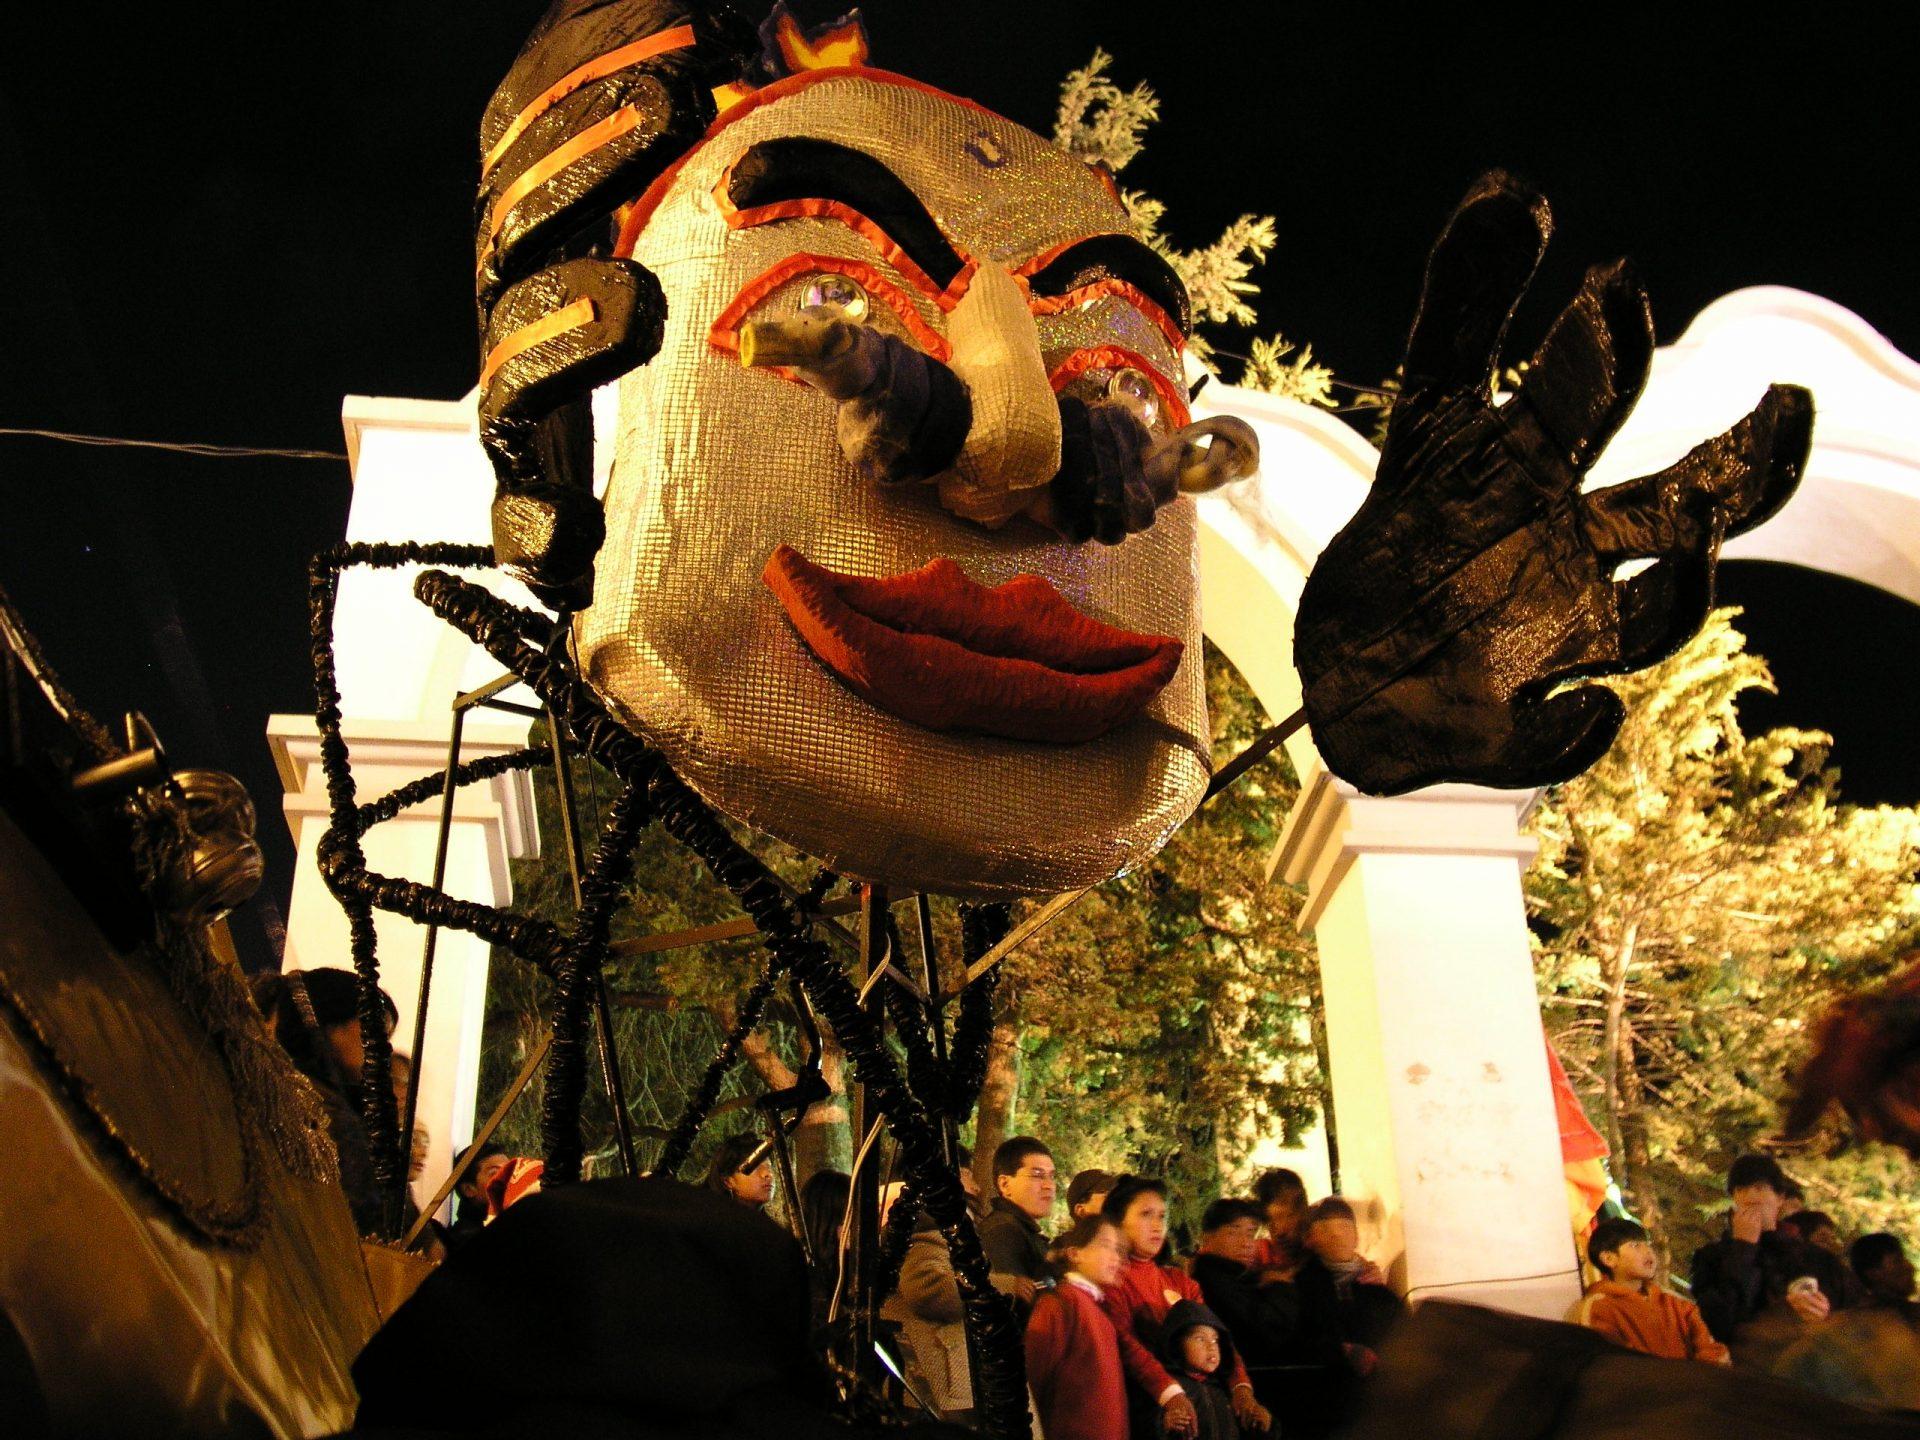 2003_bolivia_dioses_agua_negron